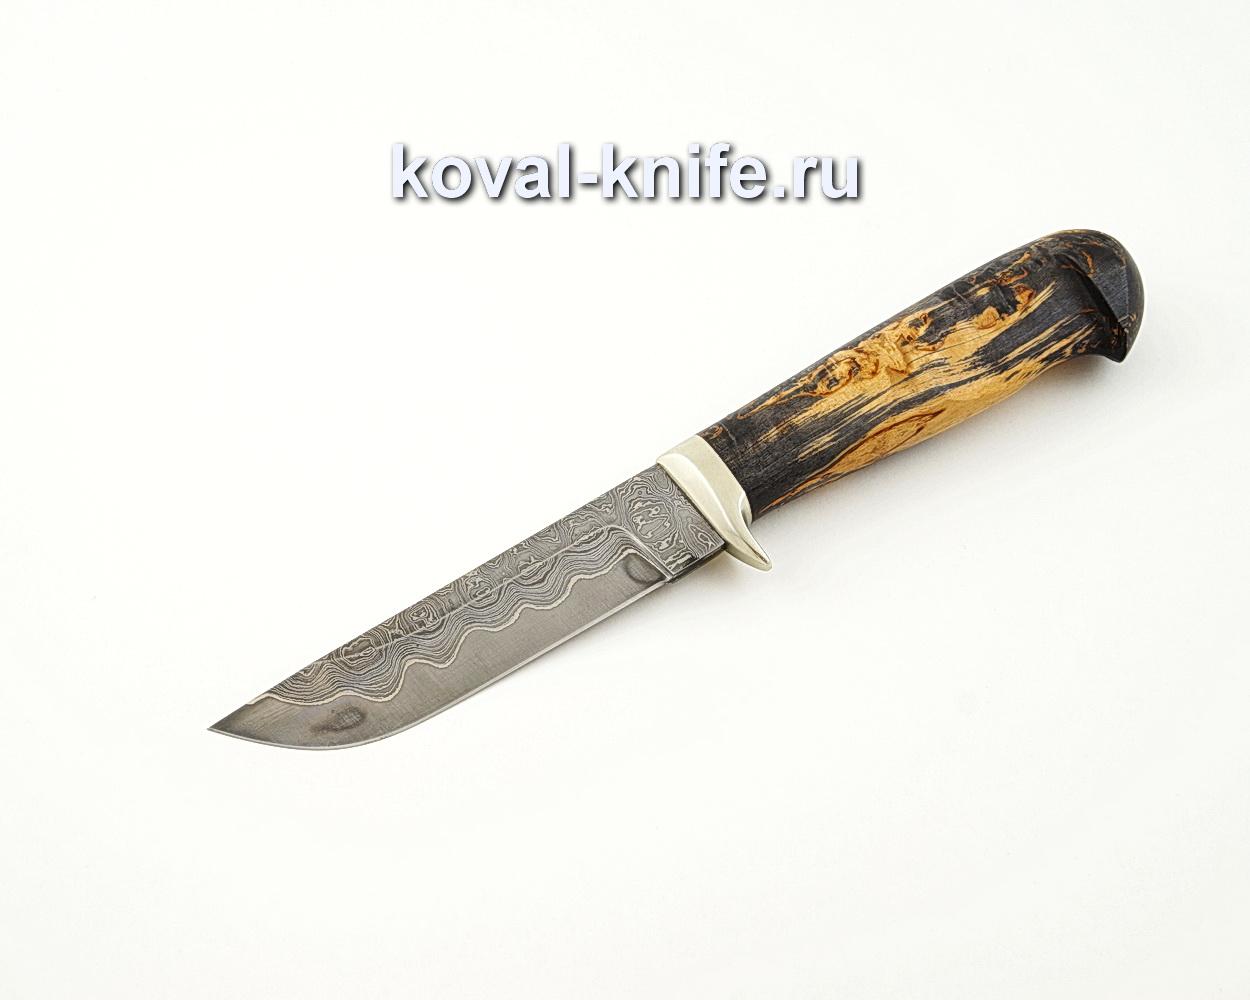 Нож Белка из ламинированной стали (стабилизированная карельская береза, гарда мельхиор) A519